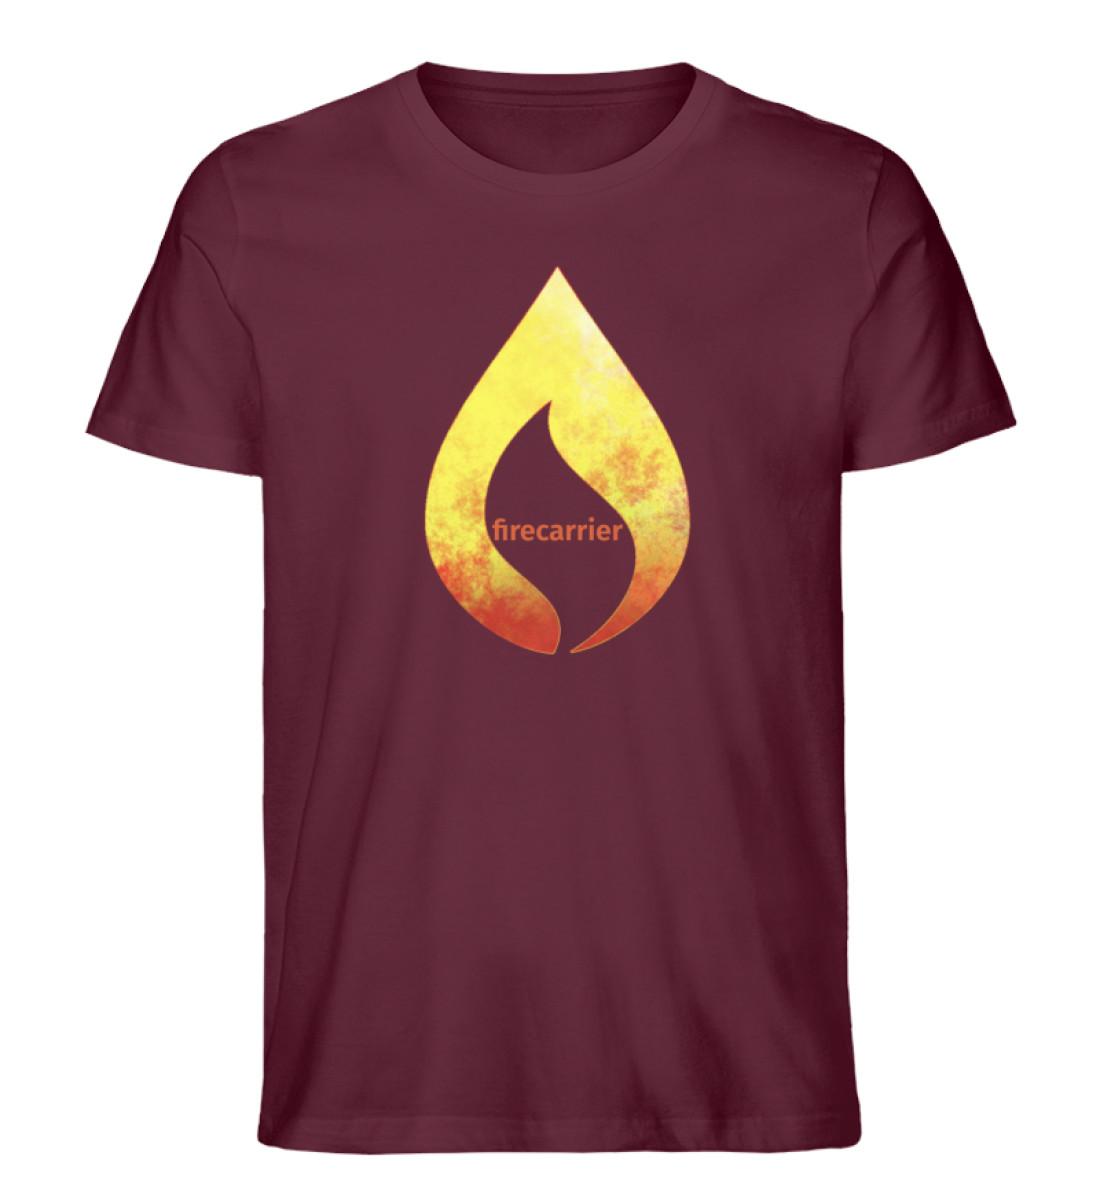 hot fire - Herren Premium Organic Shirt-839